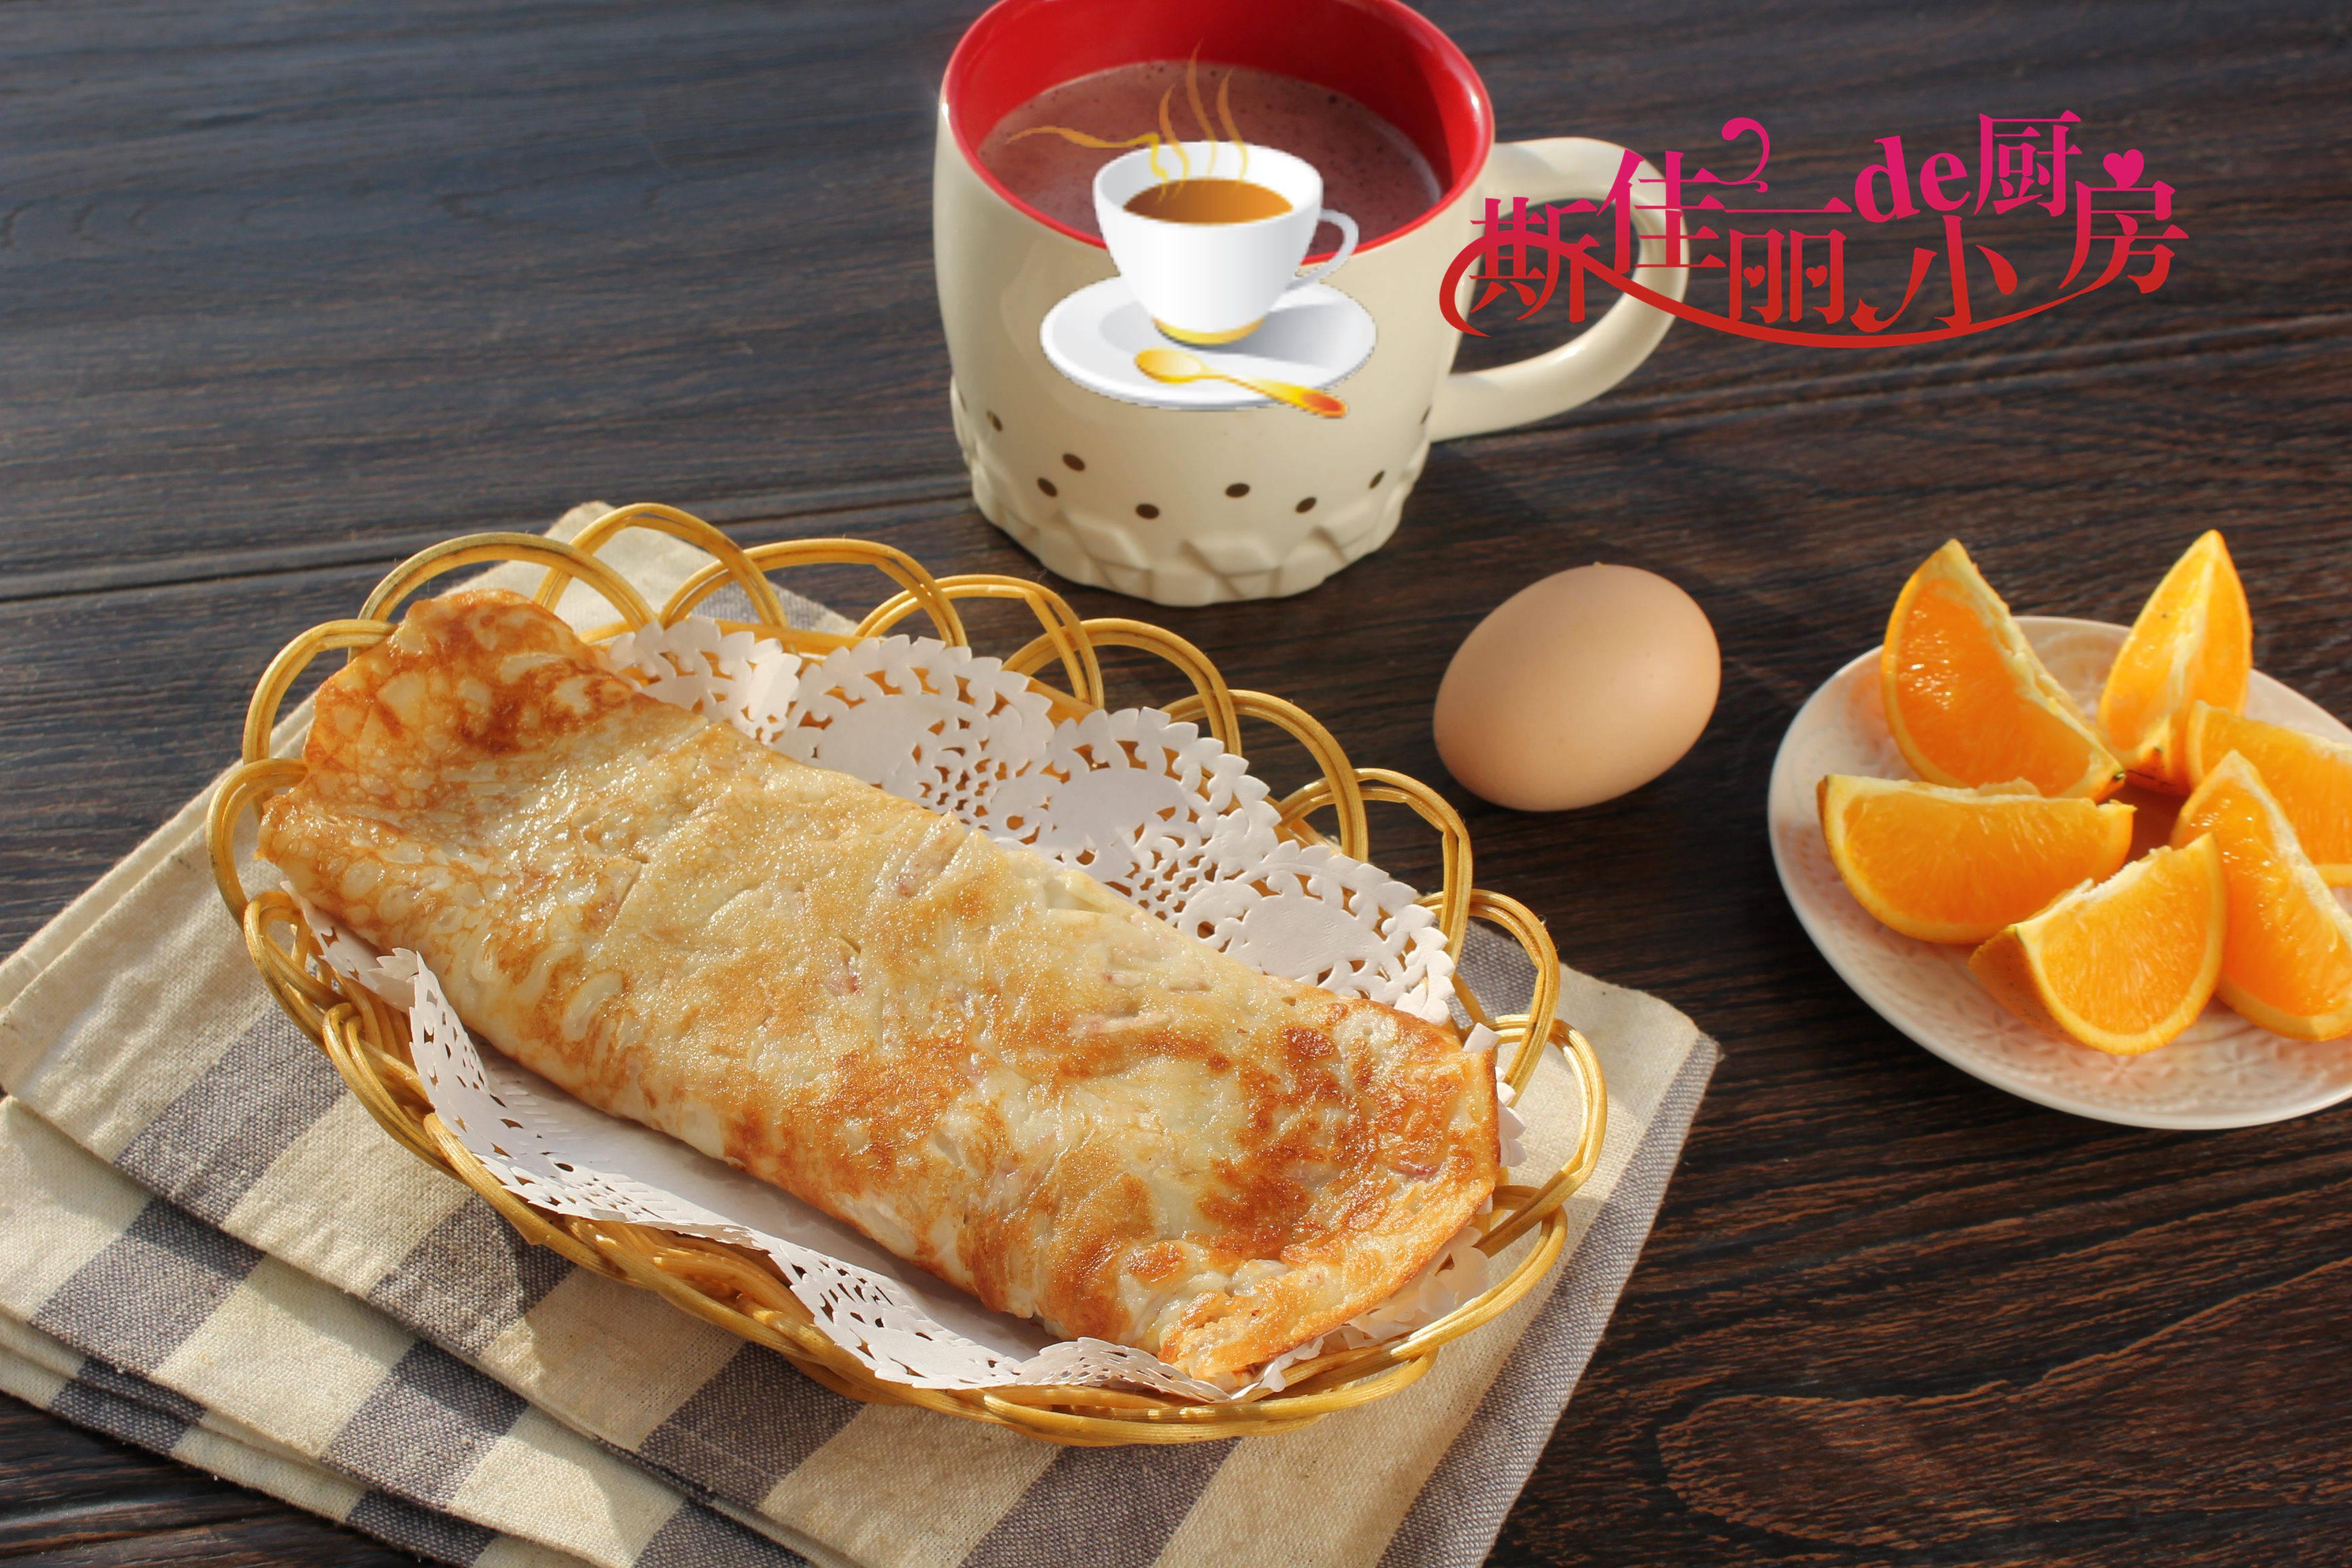 1月孩子就馋这早餐,手不用沾面筷子一搅,金黄香软上桌必吃光